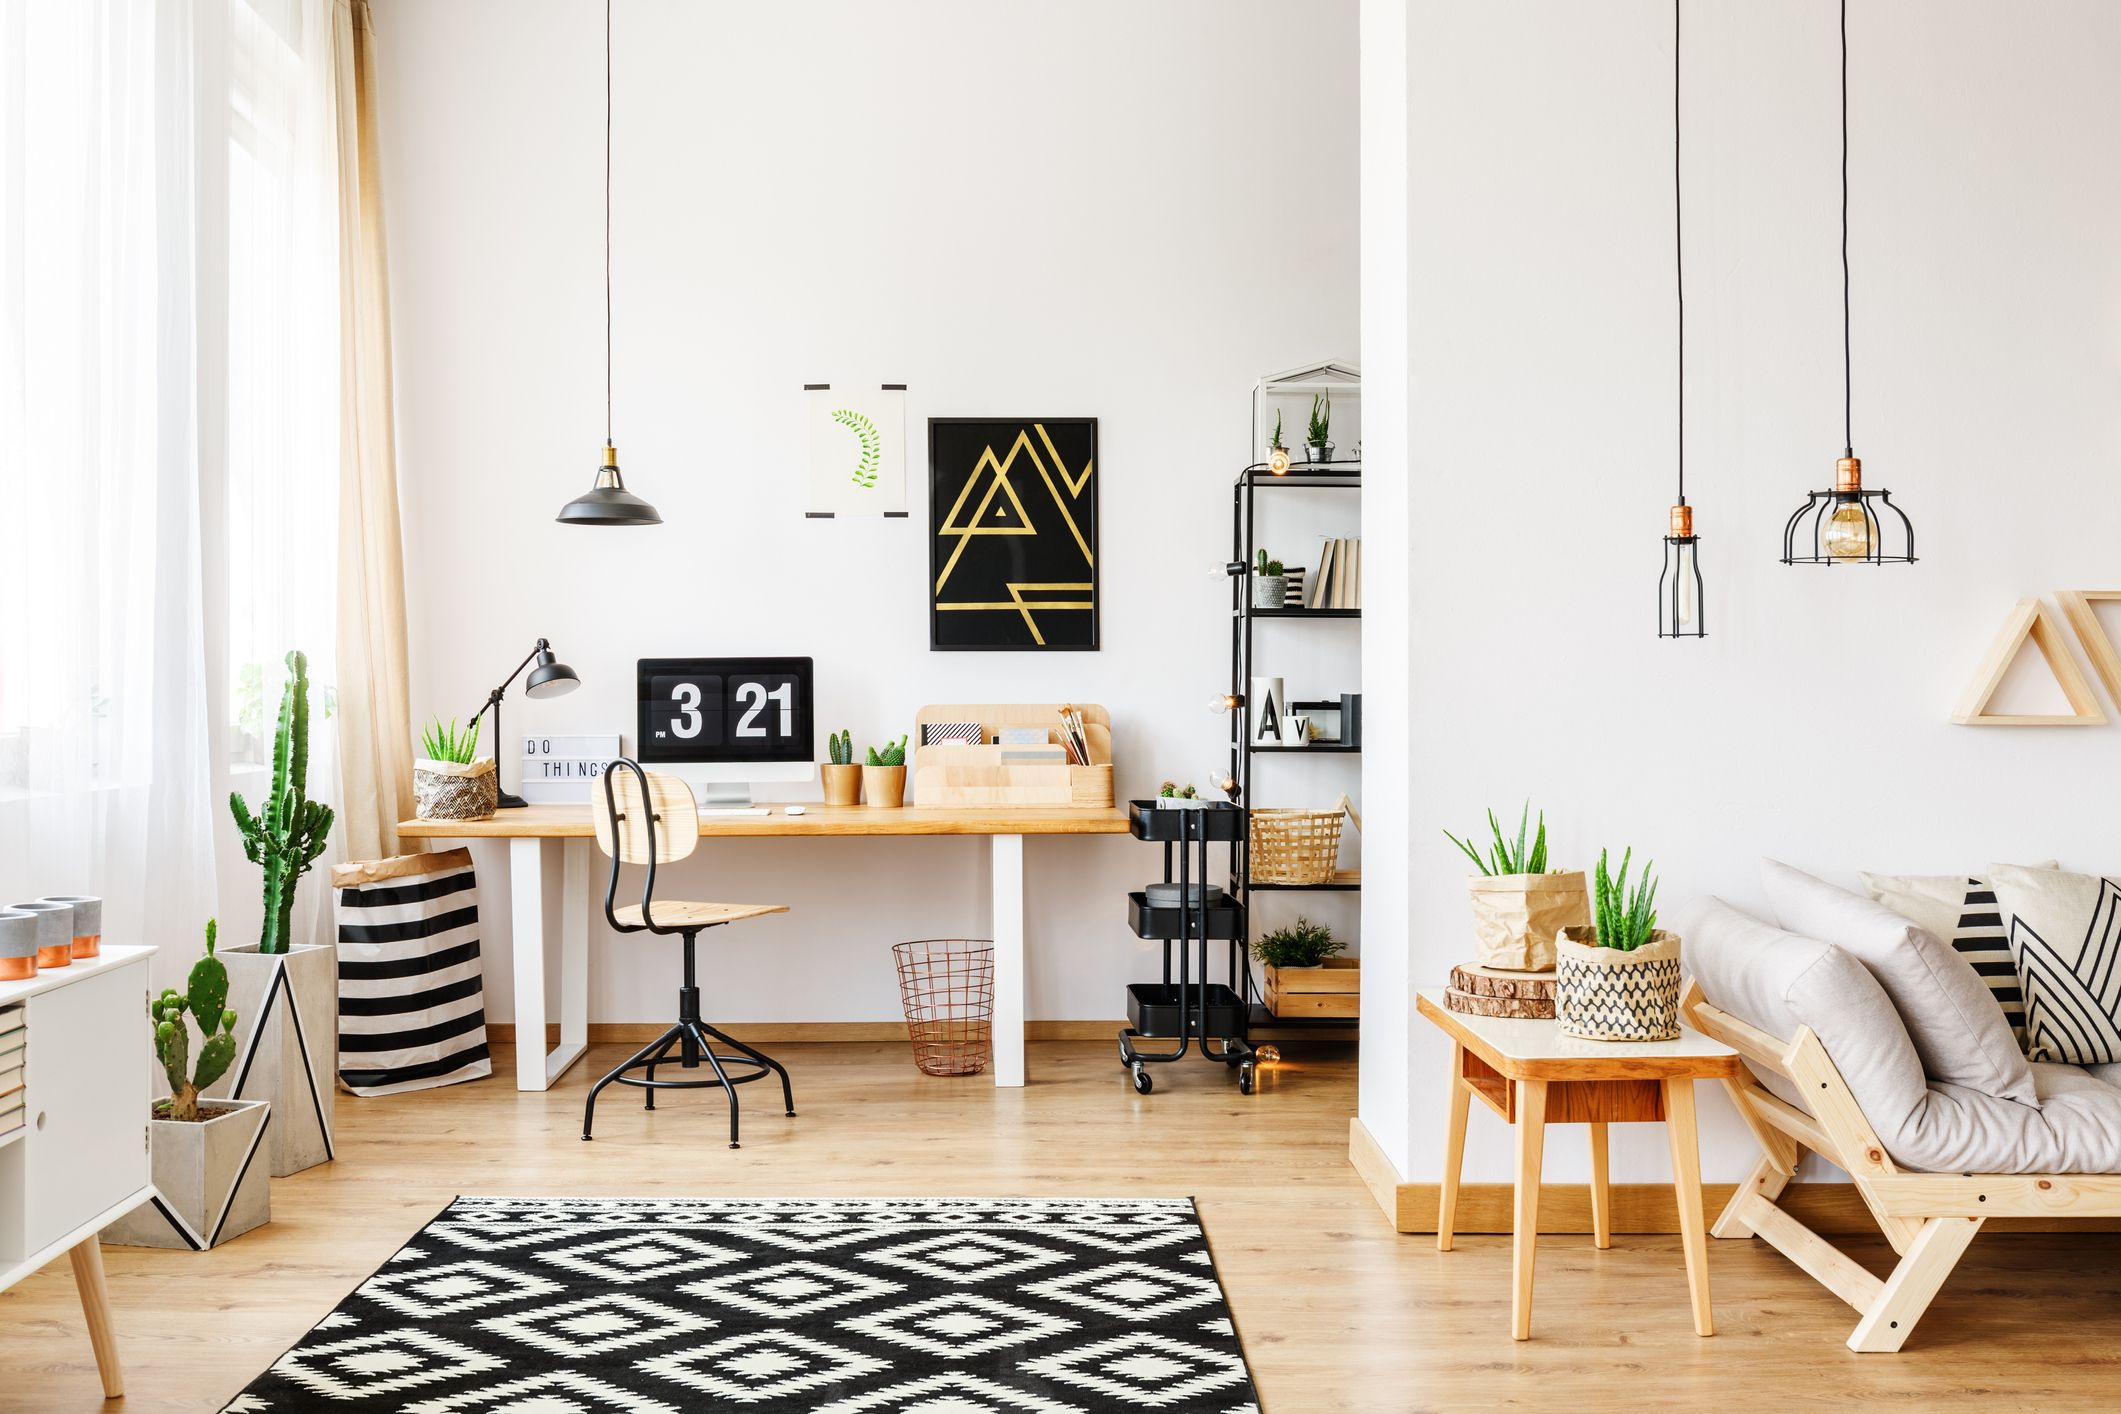 Ikea Scrittoio Con Ribaltina le scrivanie pieghevoli da comprare su amazon per l'home office